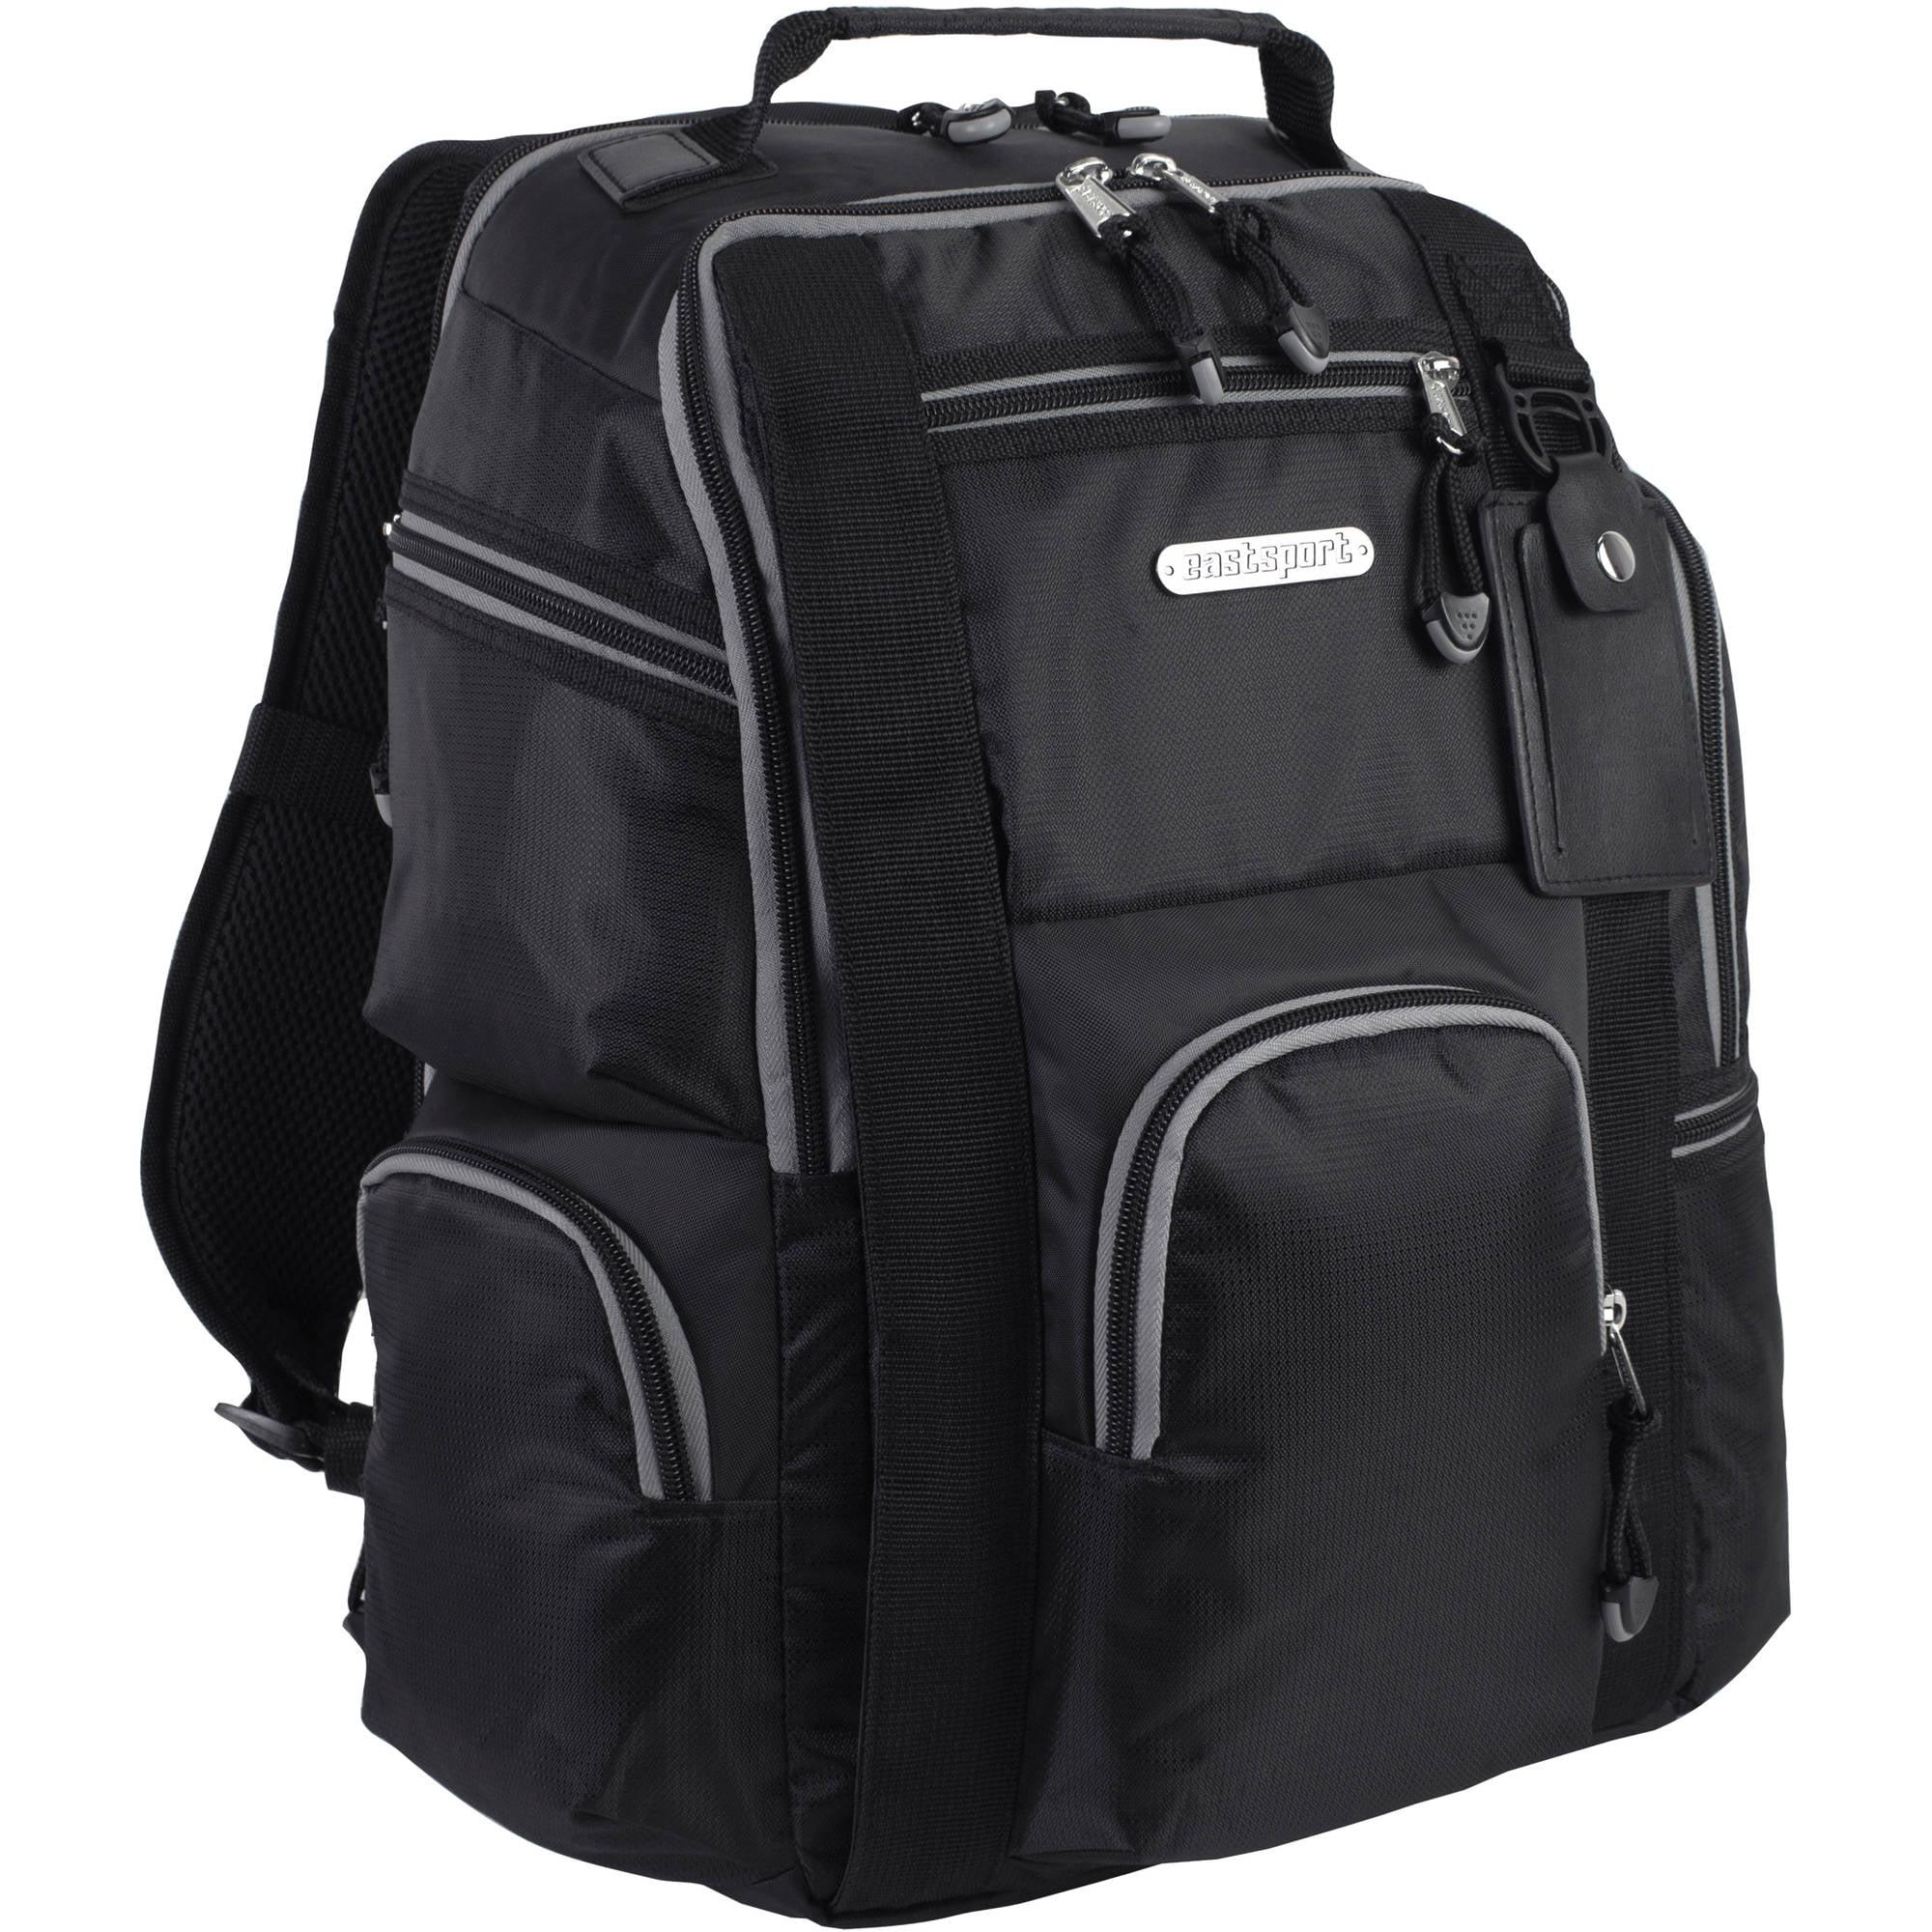 Eastsport Impulse Backpack